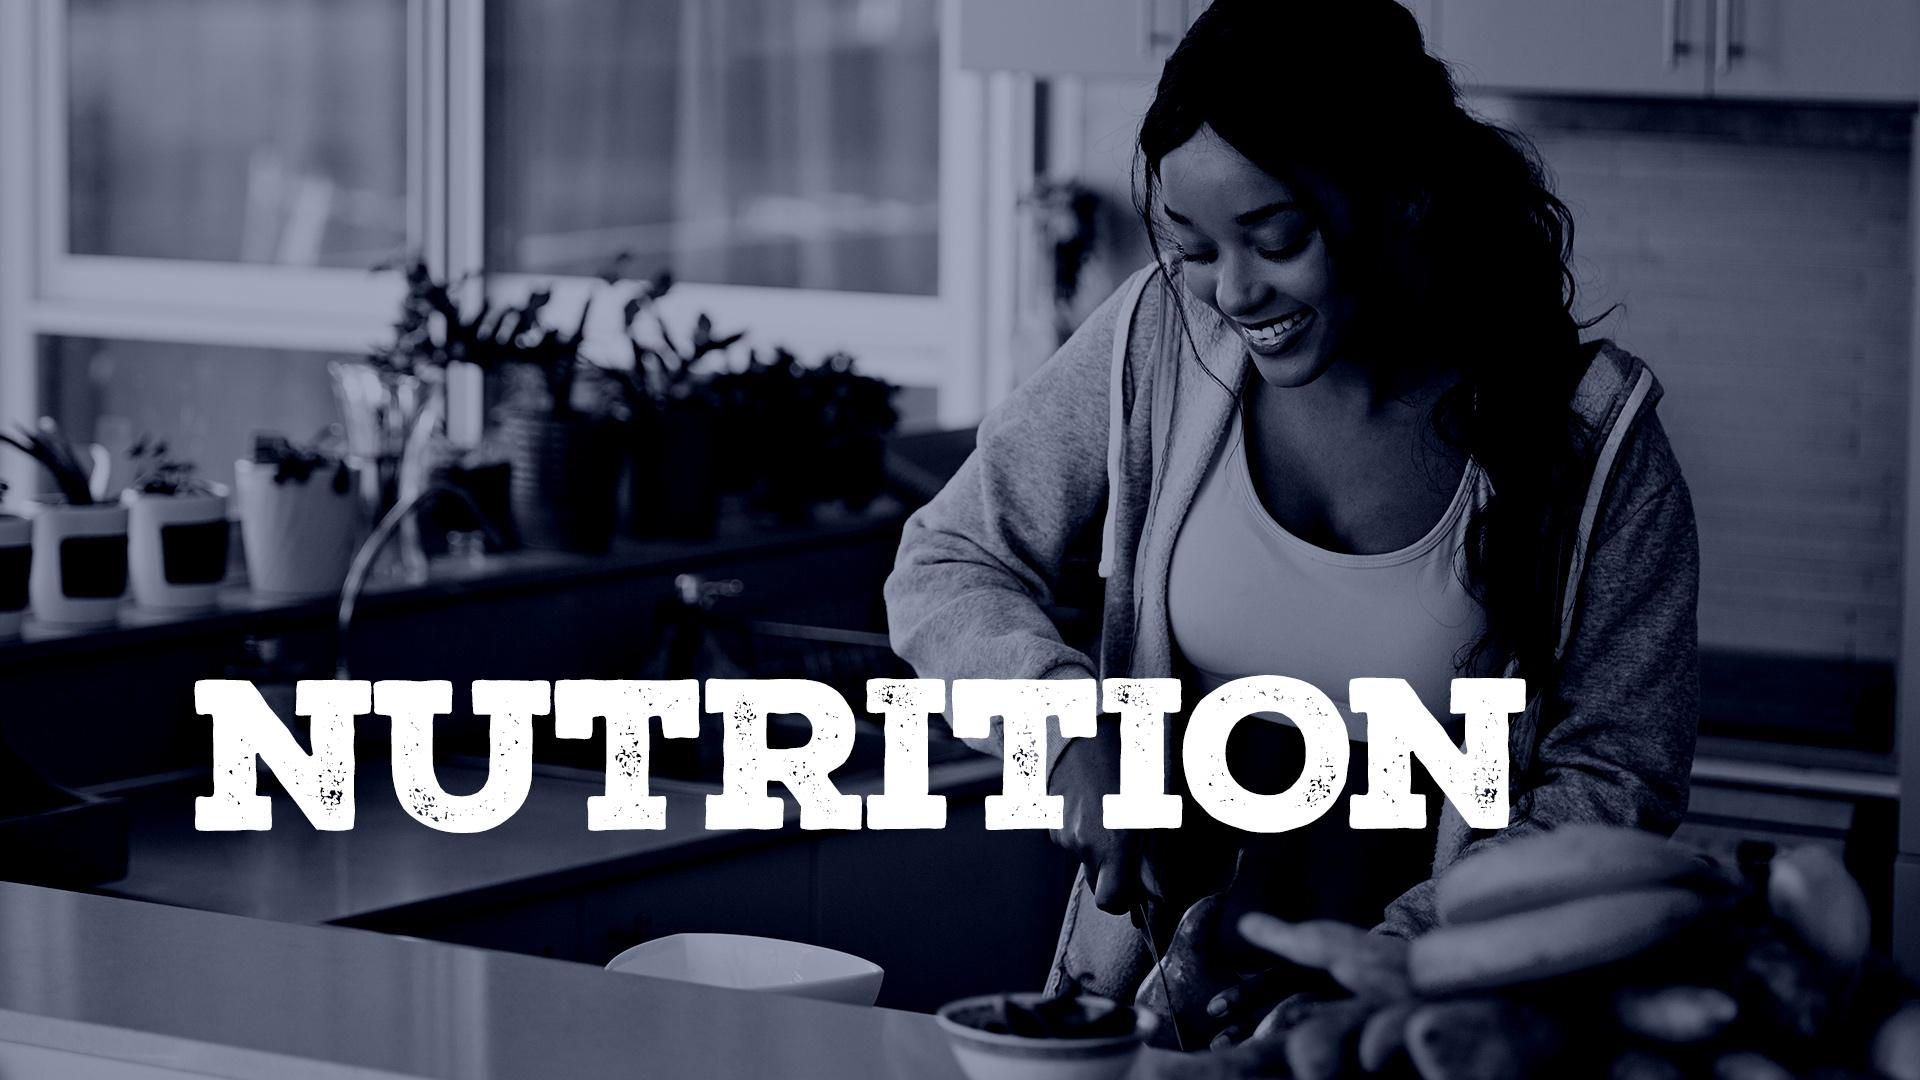 Nutrition_Title.jpg